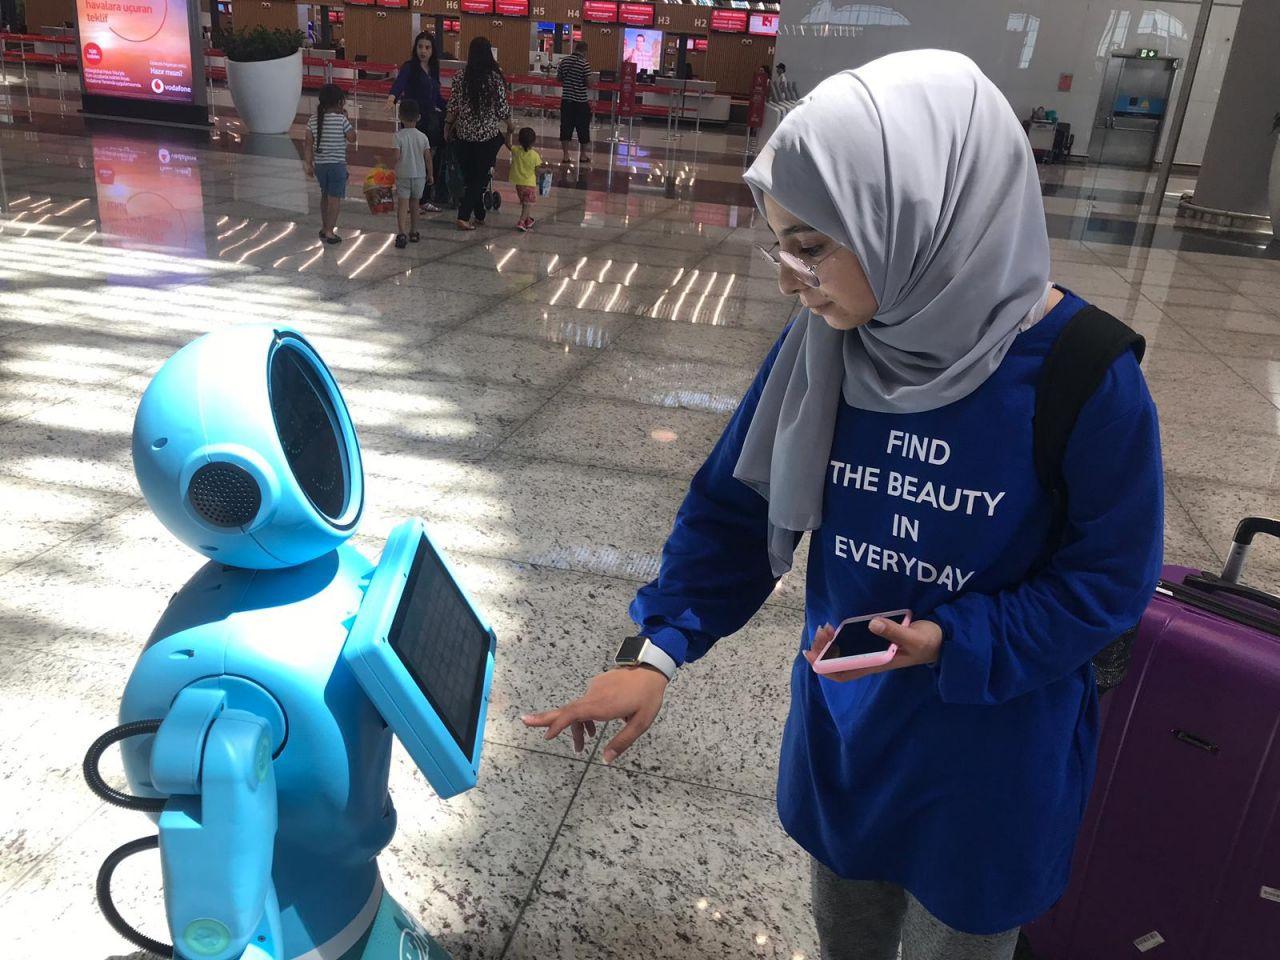 İstanbul Havalimanı'nda robotlar göreve başladı yaşlı teyzenin esprisi güldürdü - Sayfa 8